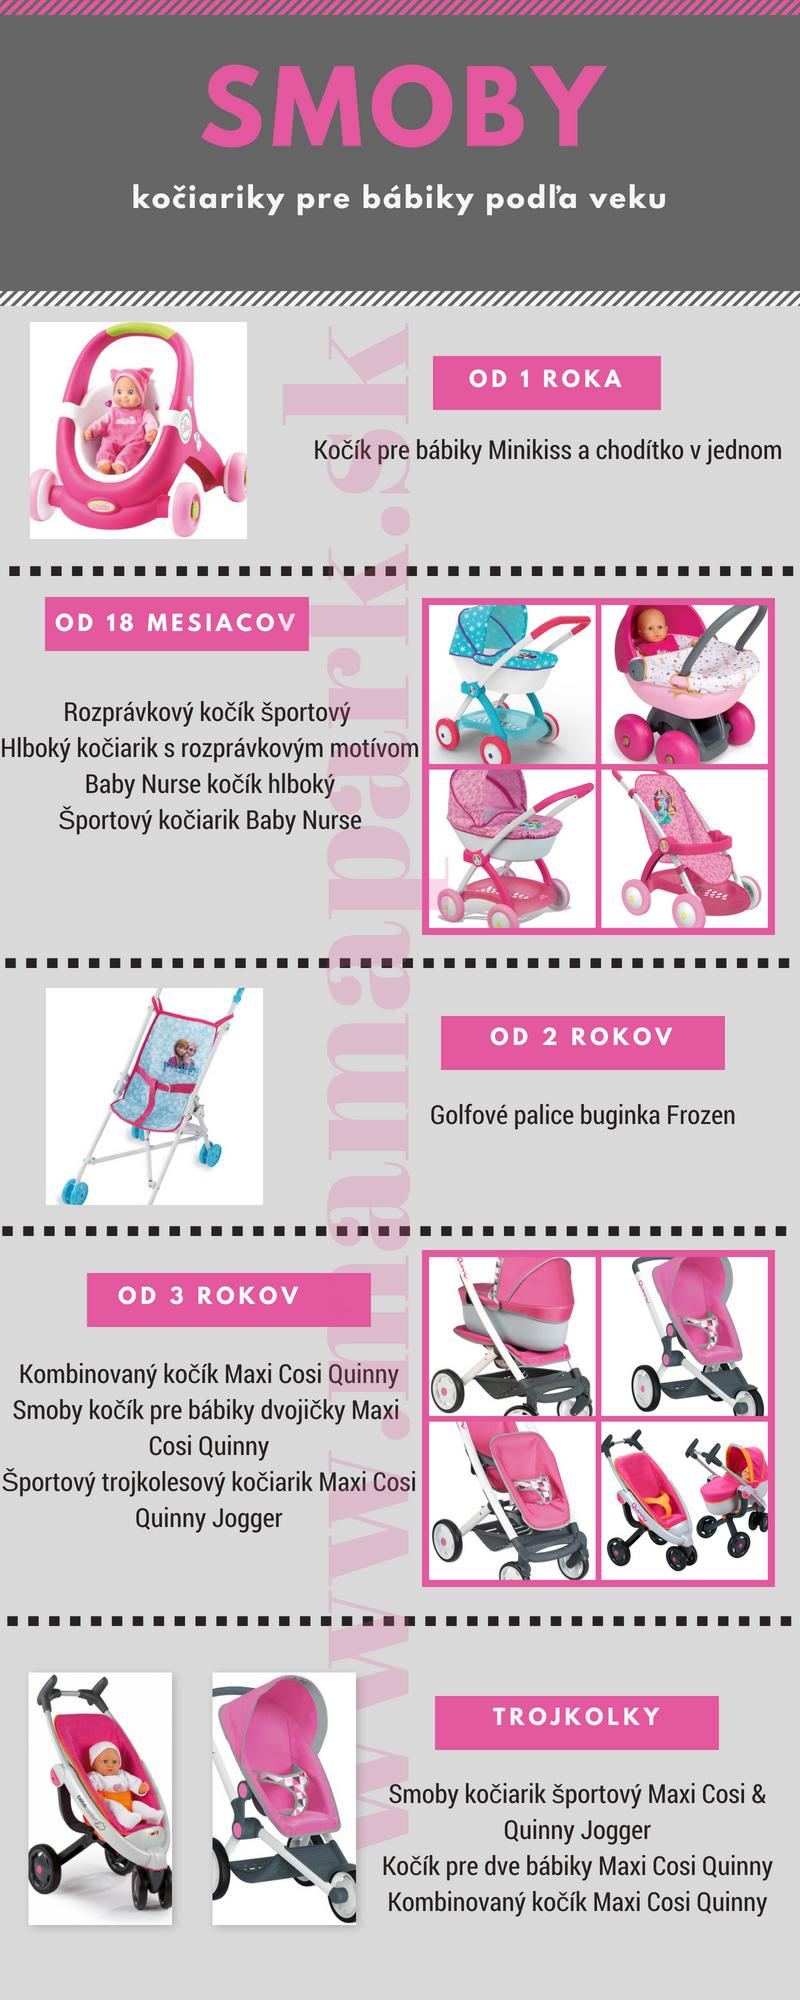 Smoby kočík pre bábiky podľa veku